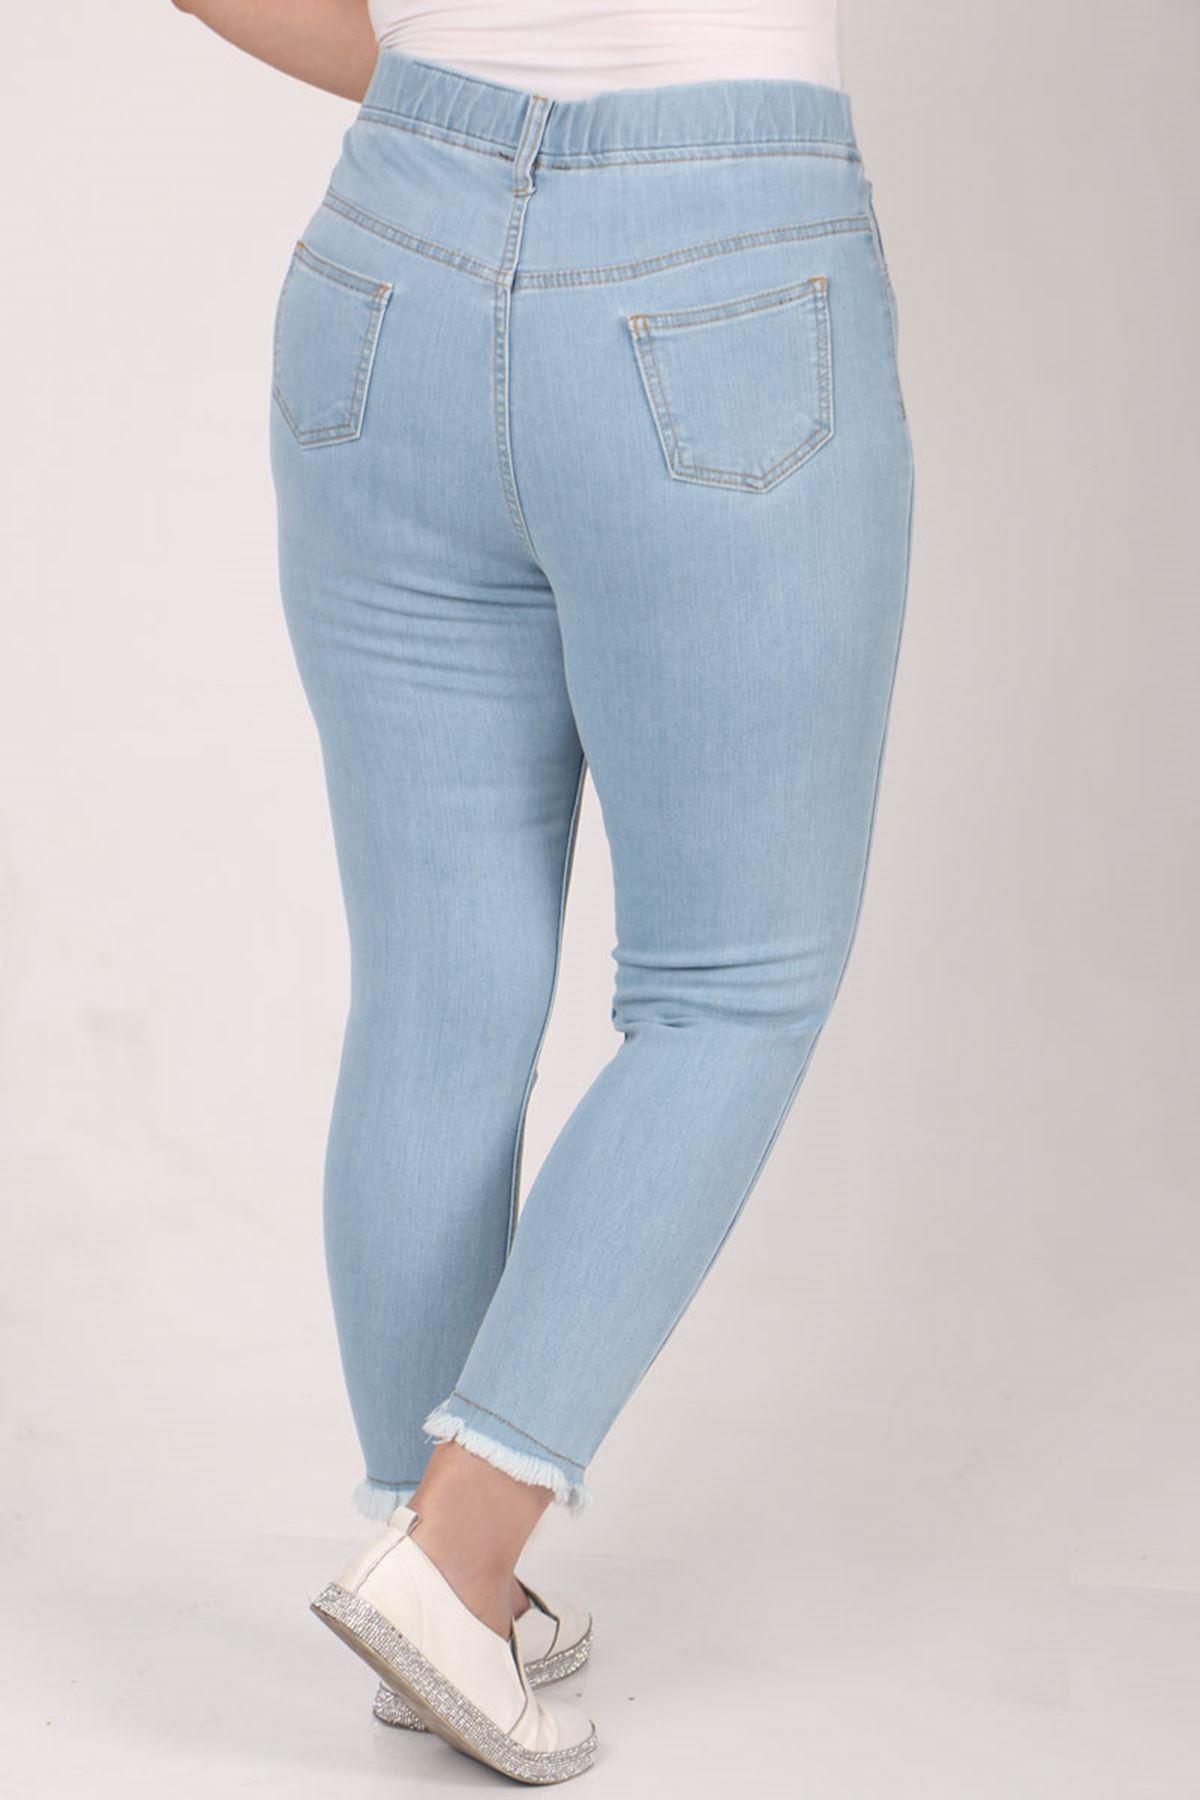 9138  Büyük Beden Beli Lastikli Püsküllü Dar Paça Kot Pantalon- Buz Mavi